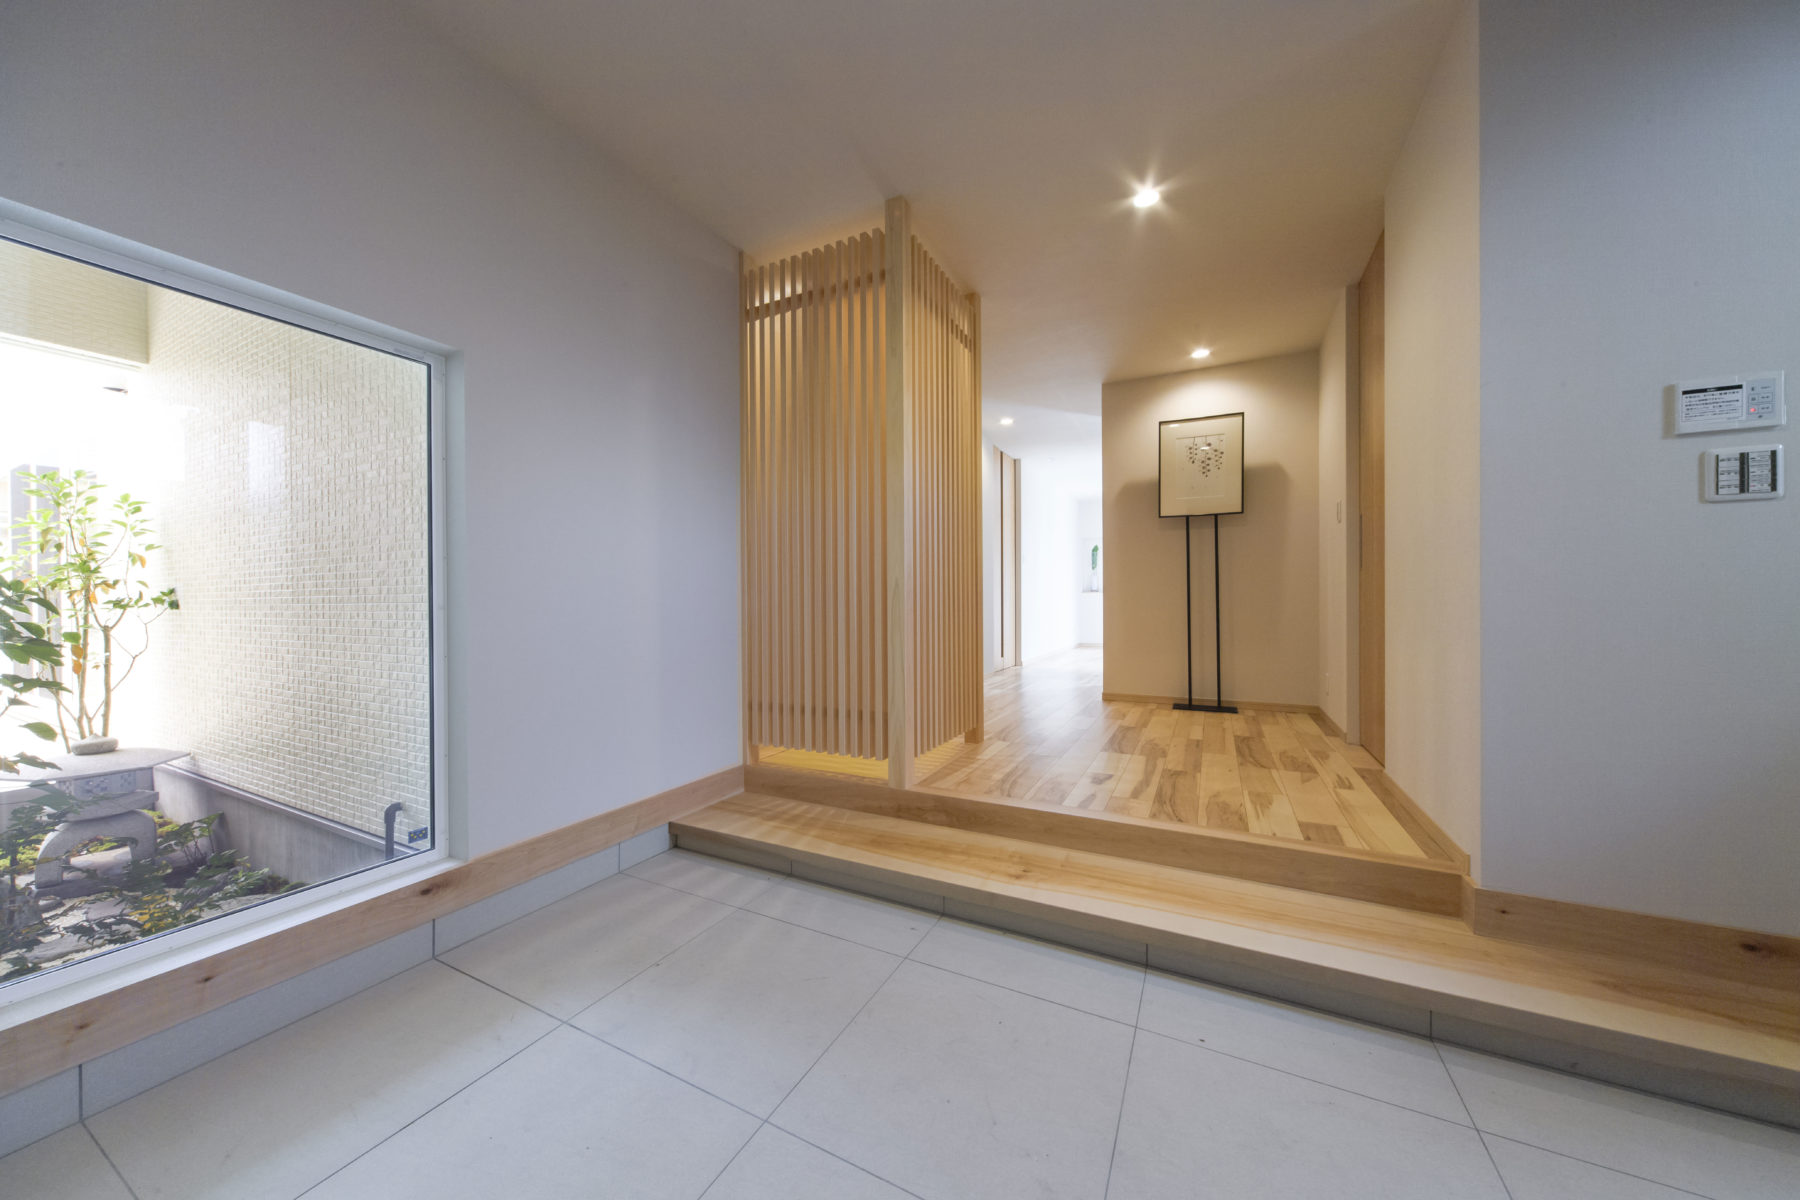 玄関ではヒノキの格子と坪庭が、和のくつろぎを演出します。